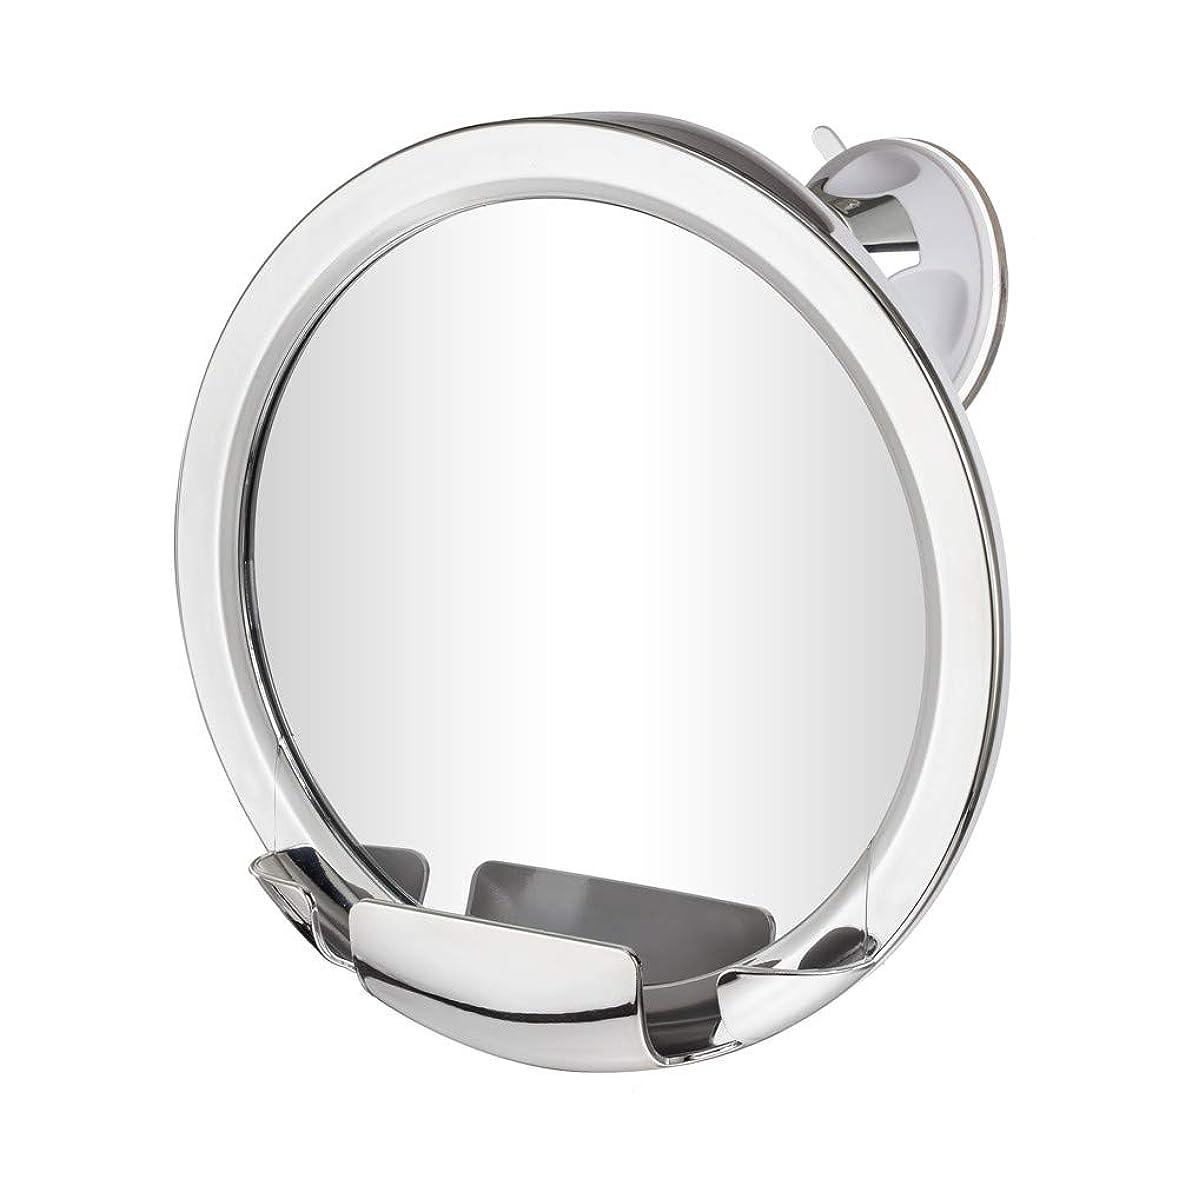 ハウジング自然切るGotofine 曇らないミラー 風呂鏡 防曇鏡 シャワーミラー 浴室鏡 強力吸盤付き 角度調整可能